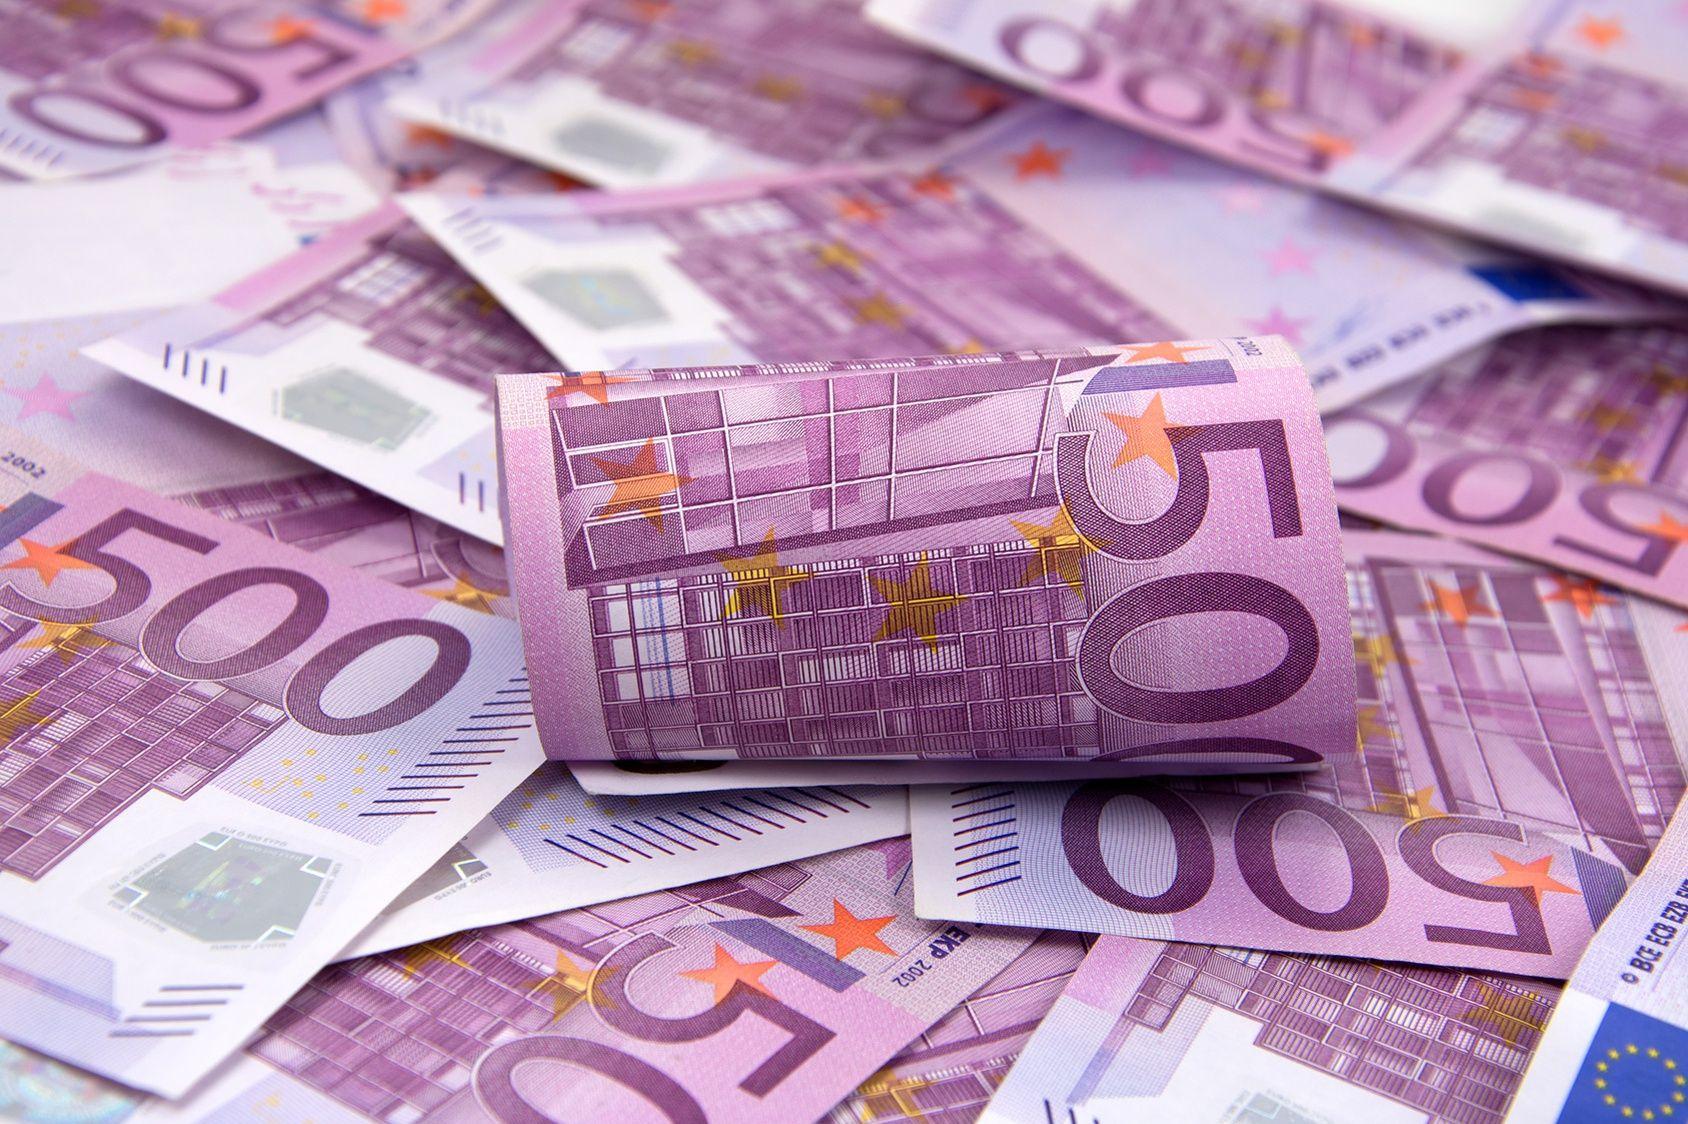 La Bce Va Cesser D'imprimer Les Billets De 500 Euros Fin 2018 destiné Pièces Euros À Imprimer